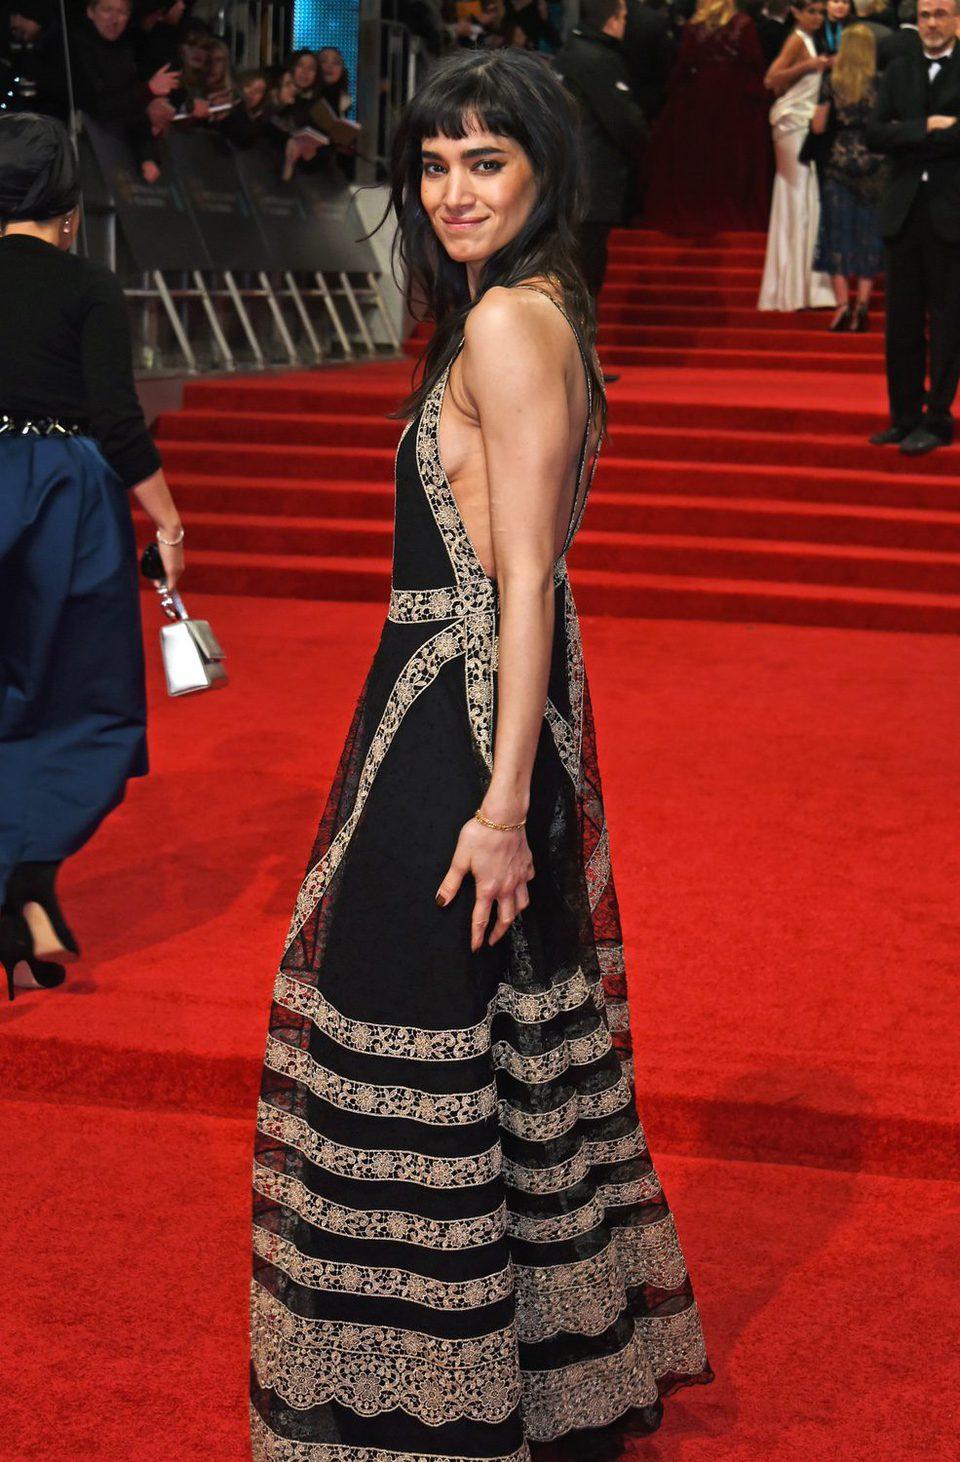 La actriz de 'La Momia', Sofia Boutella, en la alfombra roja de los BAFTA 2017